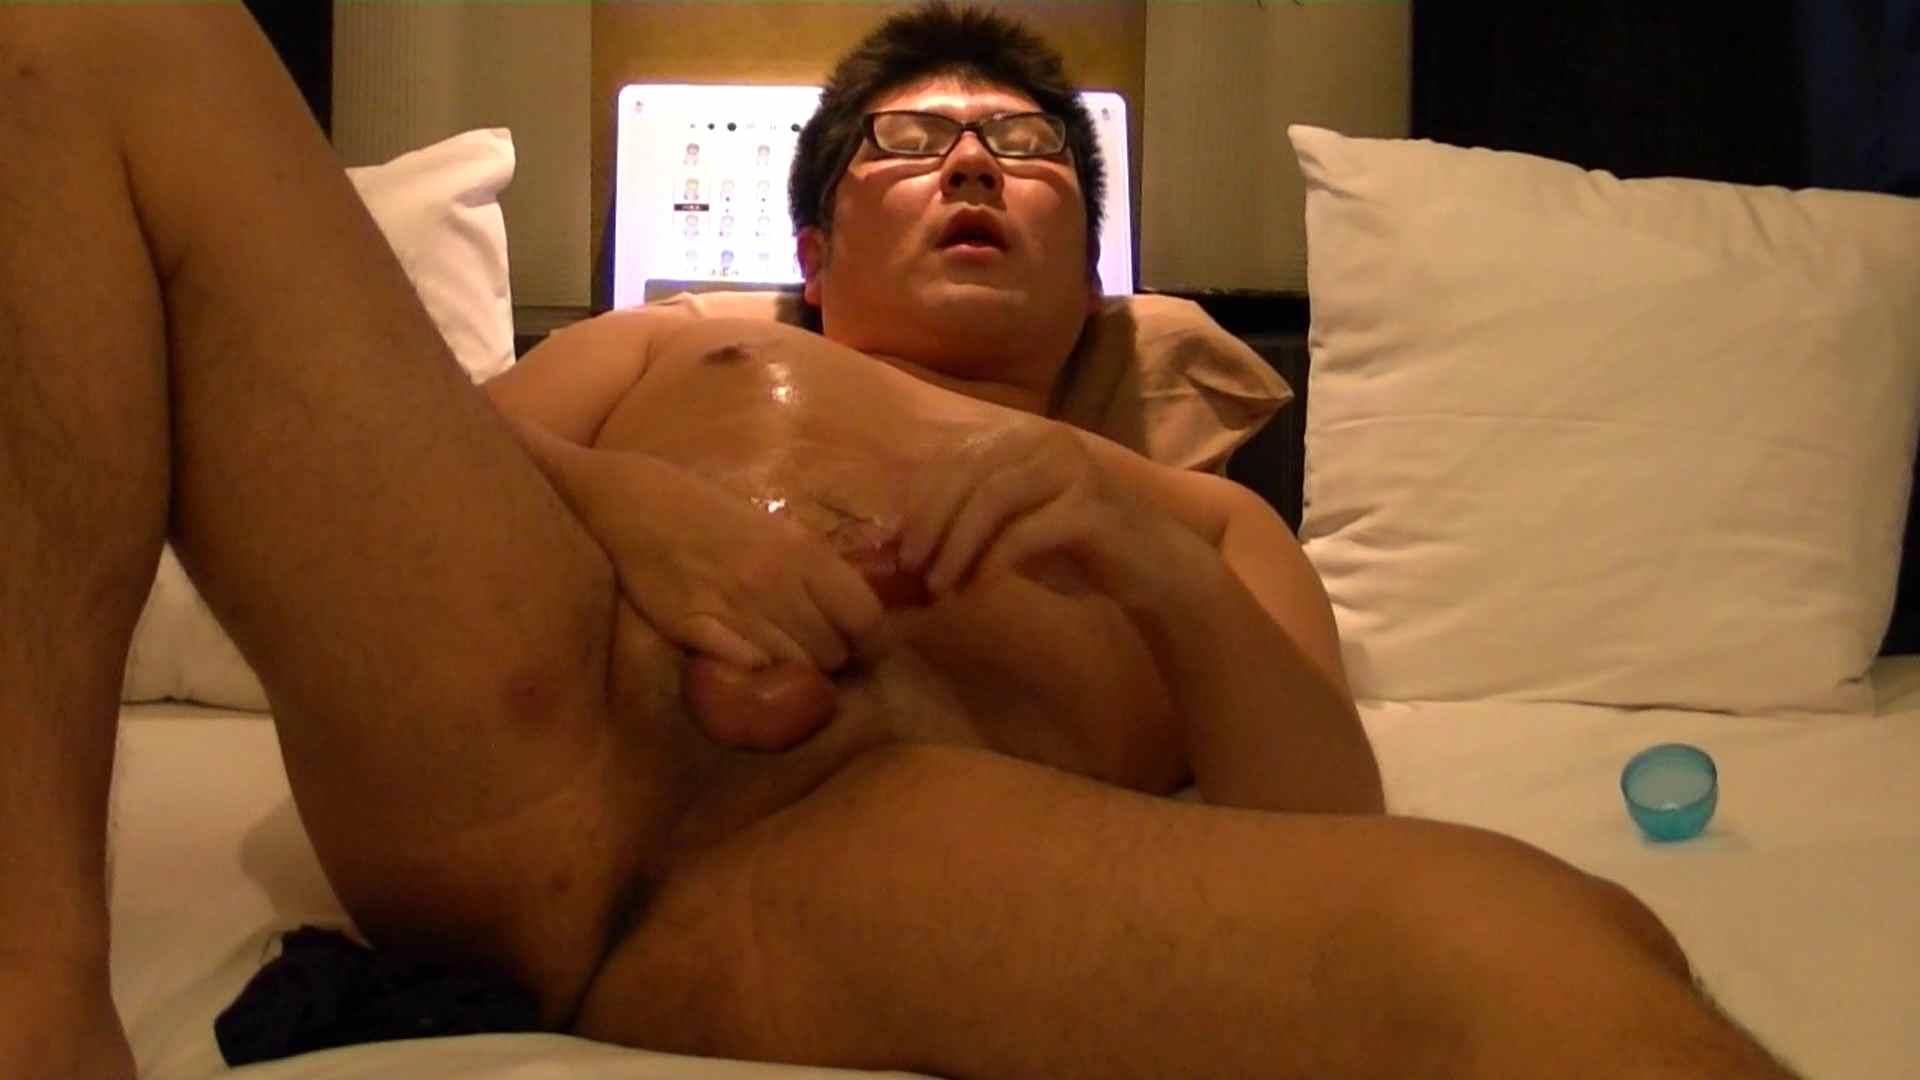 Mr.オナックスさん投稿!HD 貴方のオナニー三万円で撮影させてください。VOL.03 後編 ローション使って〜 ゲイセックス画像 106枚 70